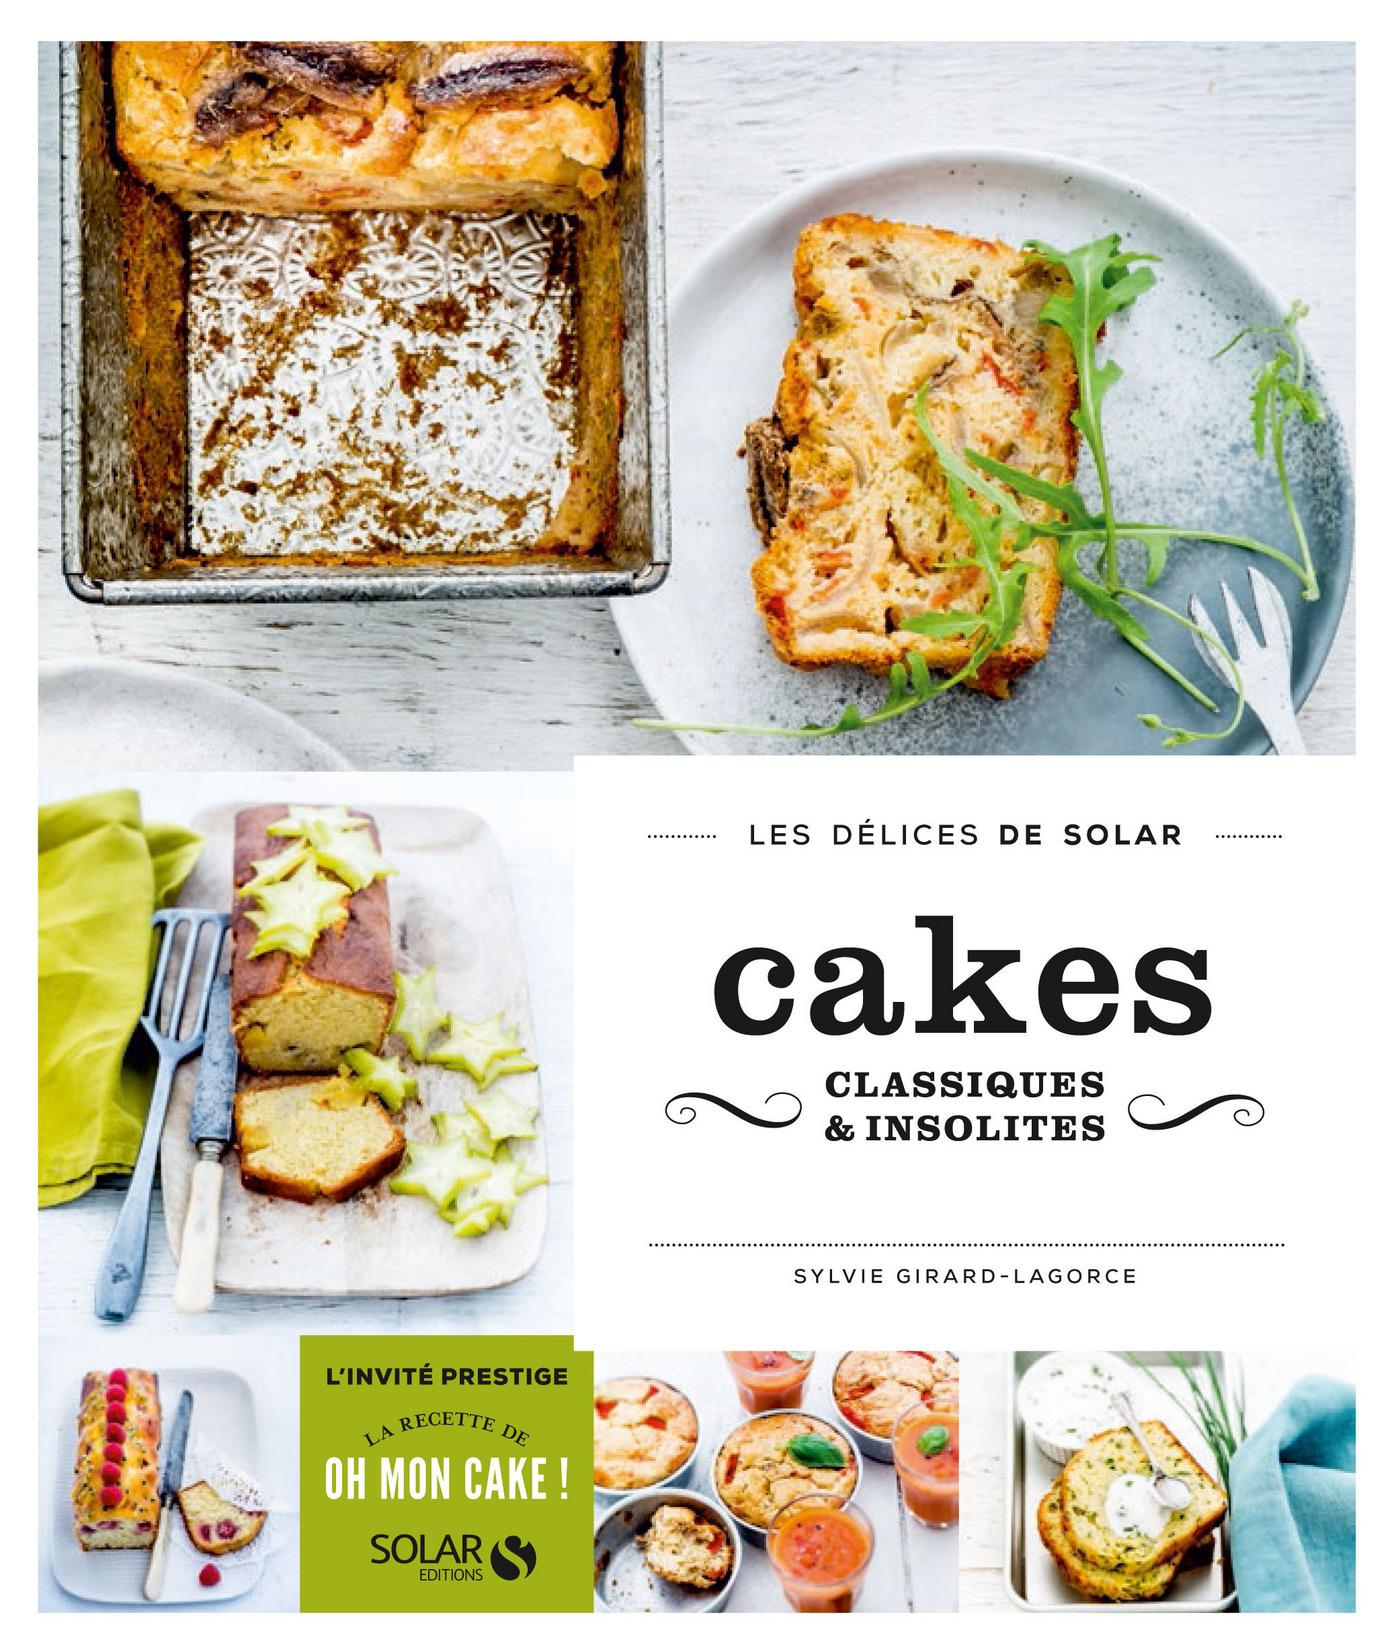 Cakes classiques et insolites - Les délices de Solar